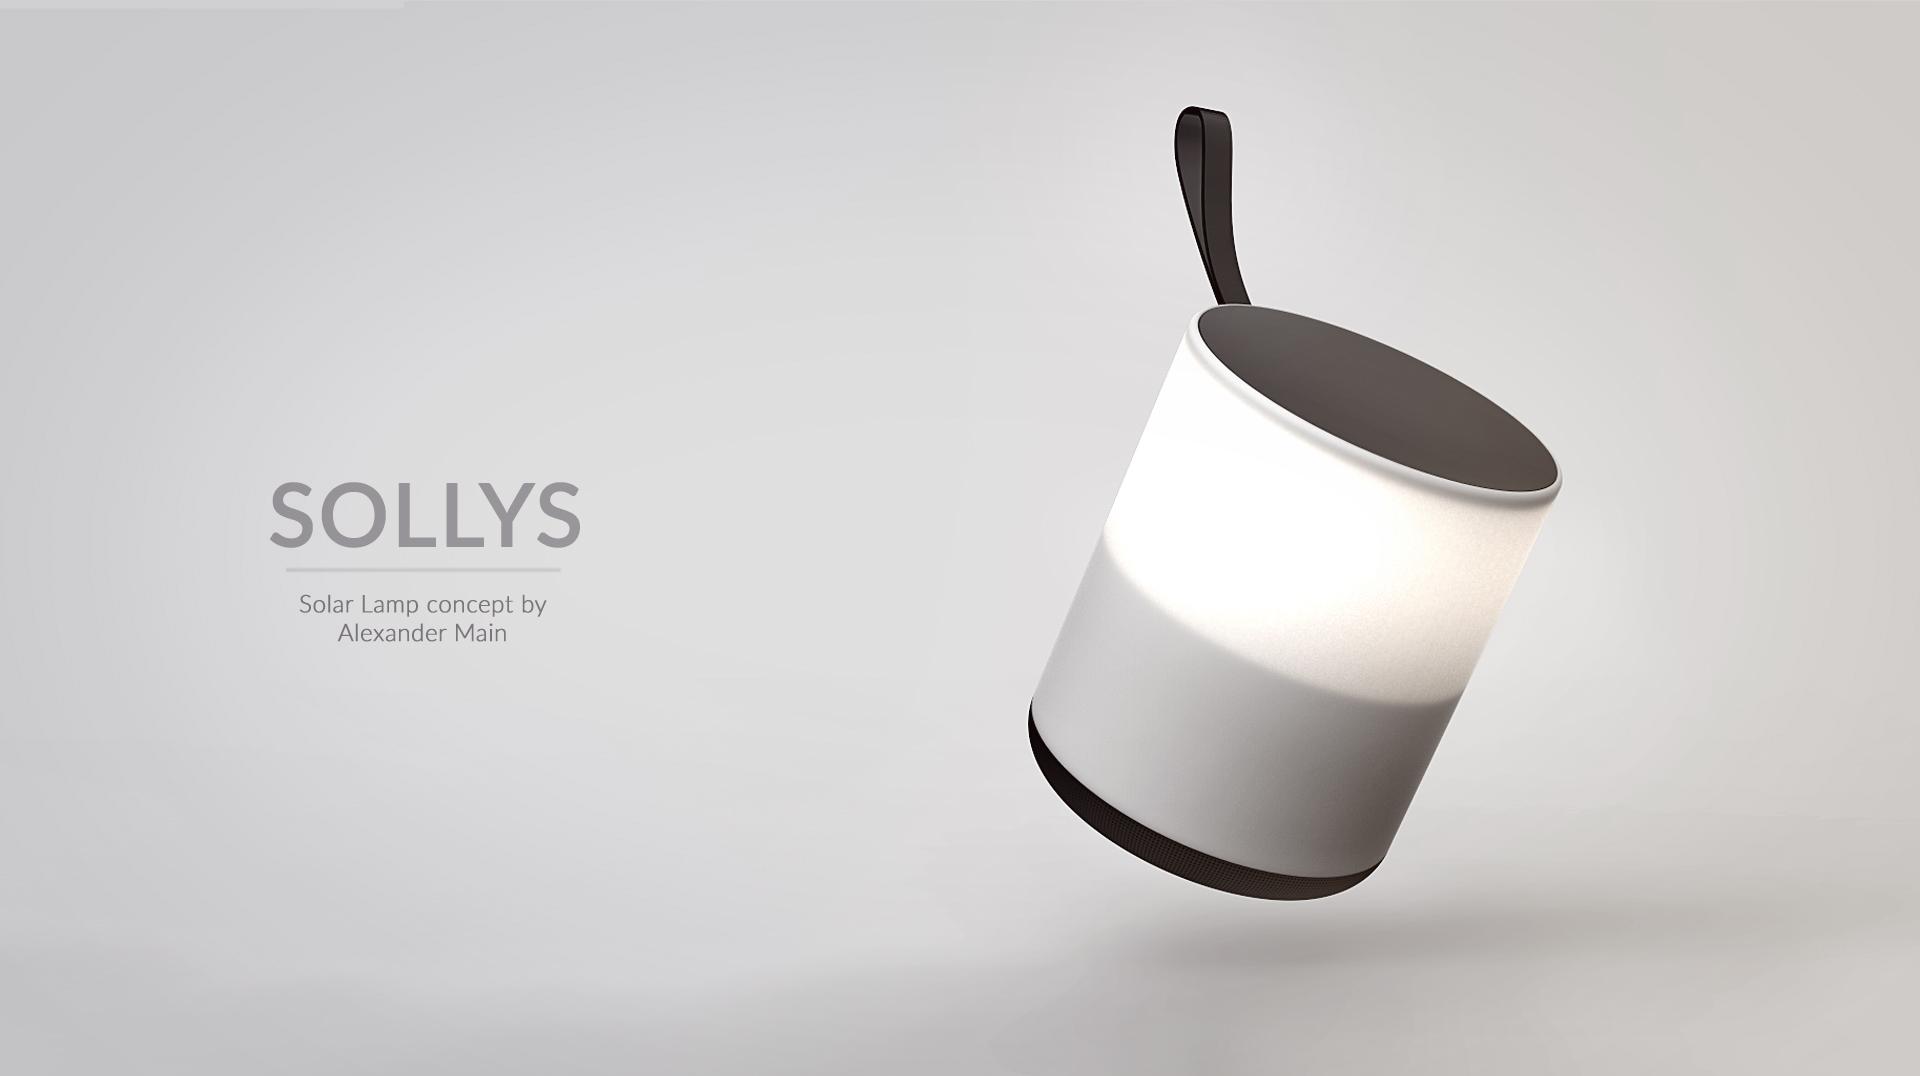 Sollys 3